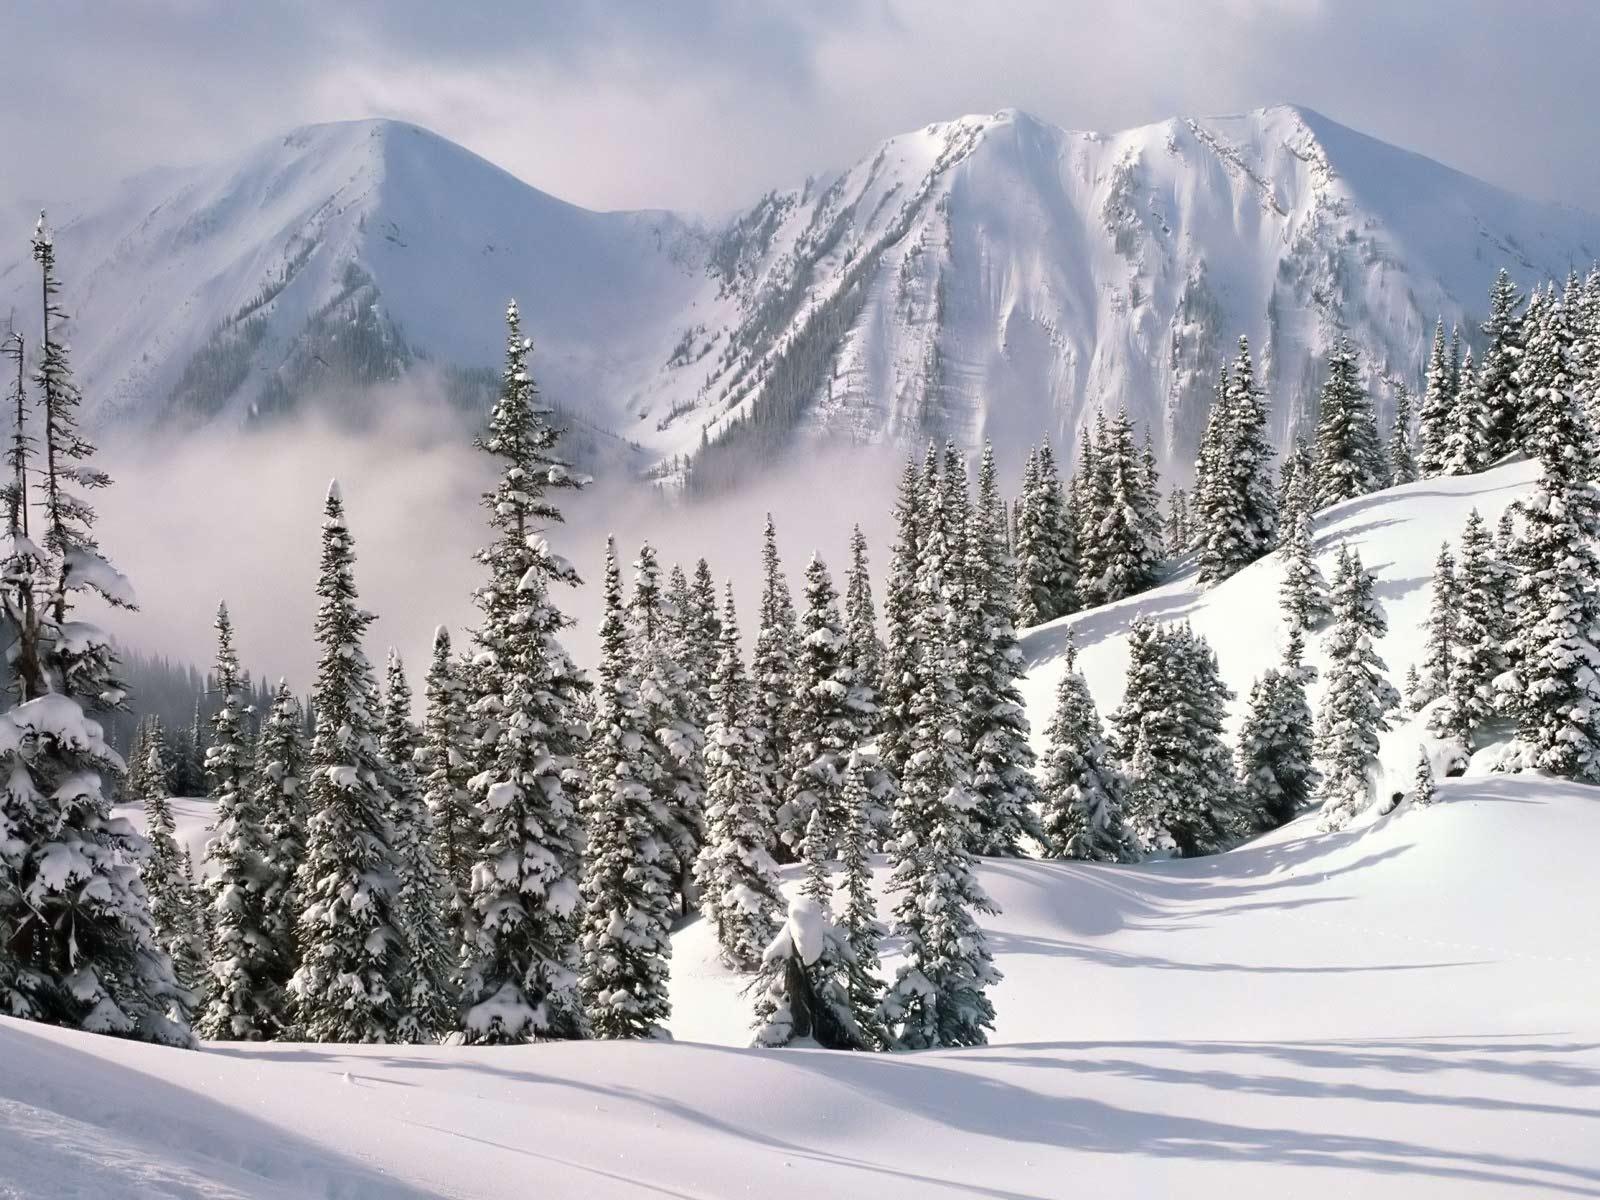 7624 скачать обои Пейзаж, Зима, Деревья, Горы, Елки - заставки и картинки бесплатно